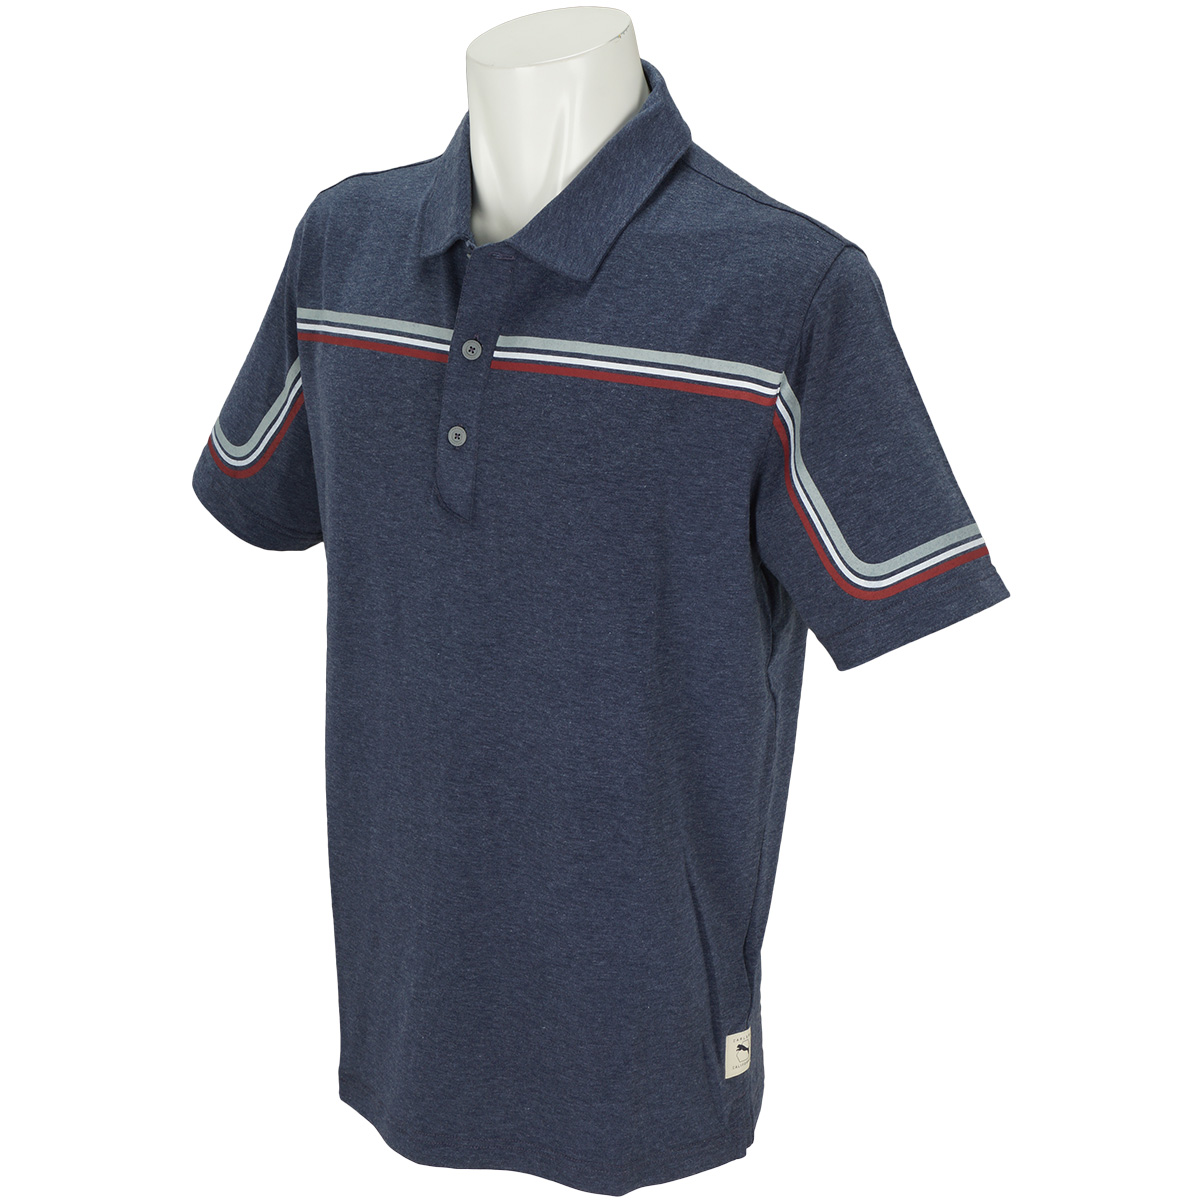 GDO限定 ルーピング 半袖ポロシャツ